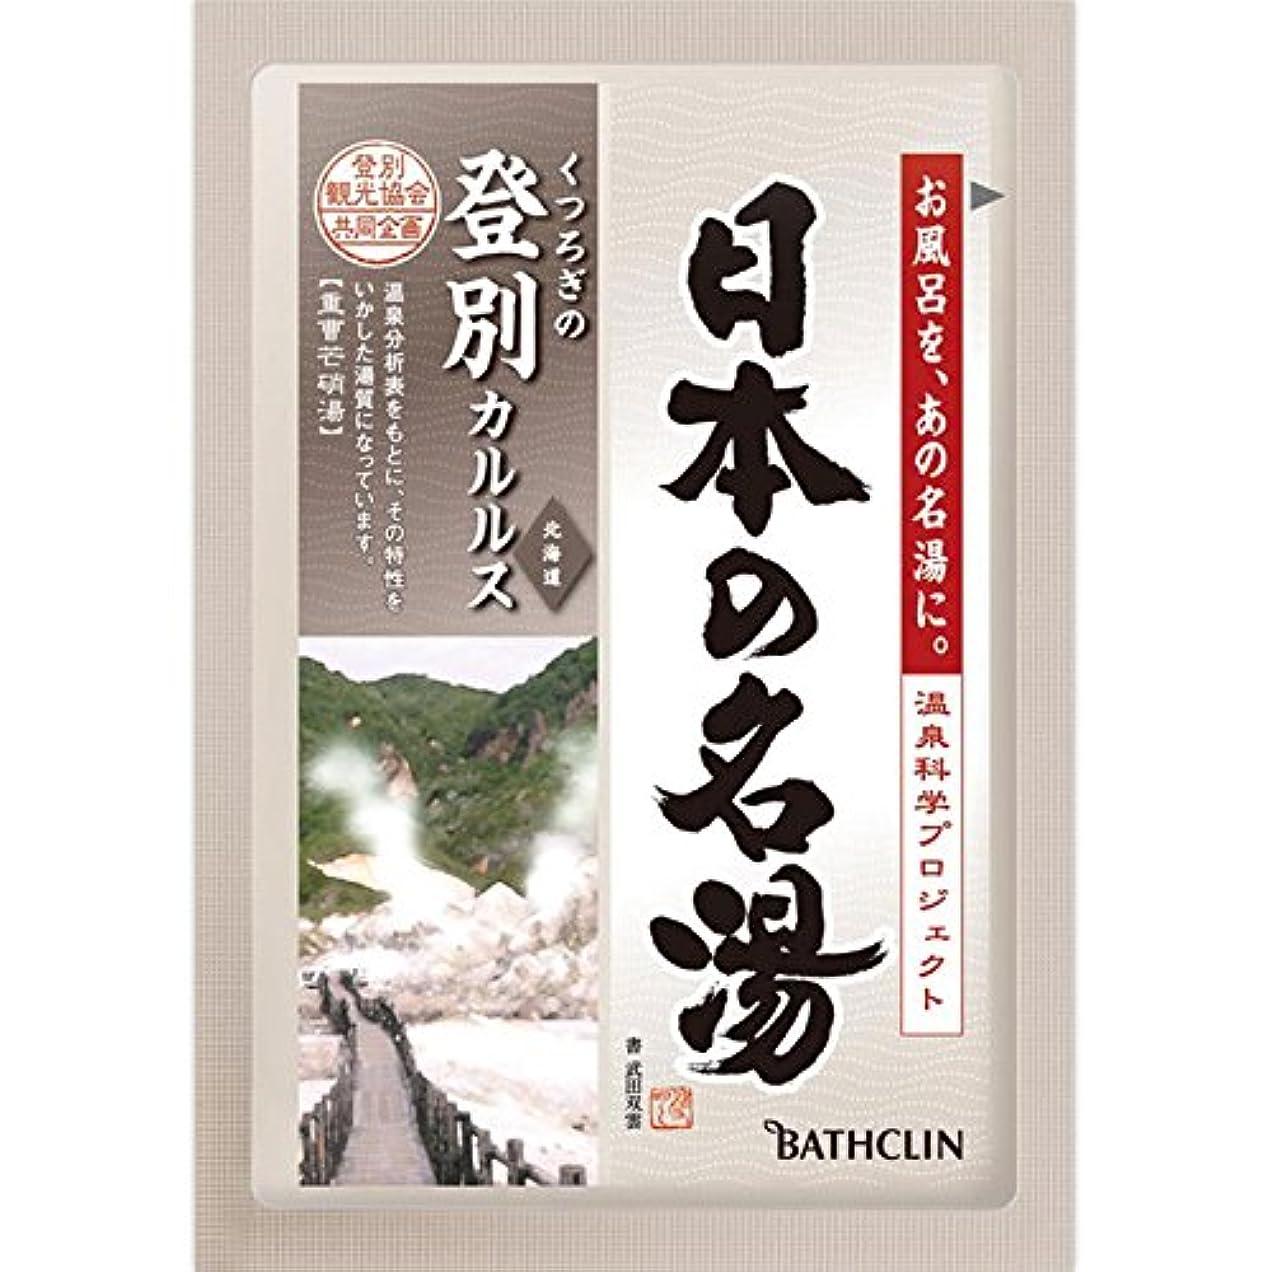 ヒギンズ永久イサカバスクリン 日本の名湯 登別カルルス 30g (医薬部外品)